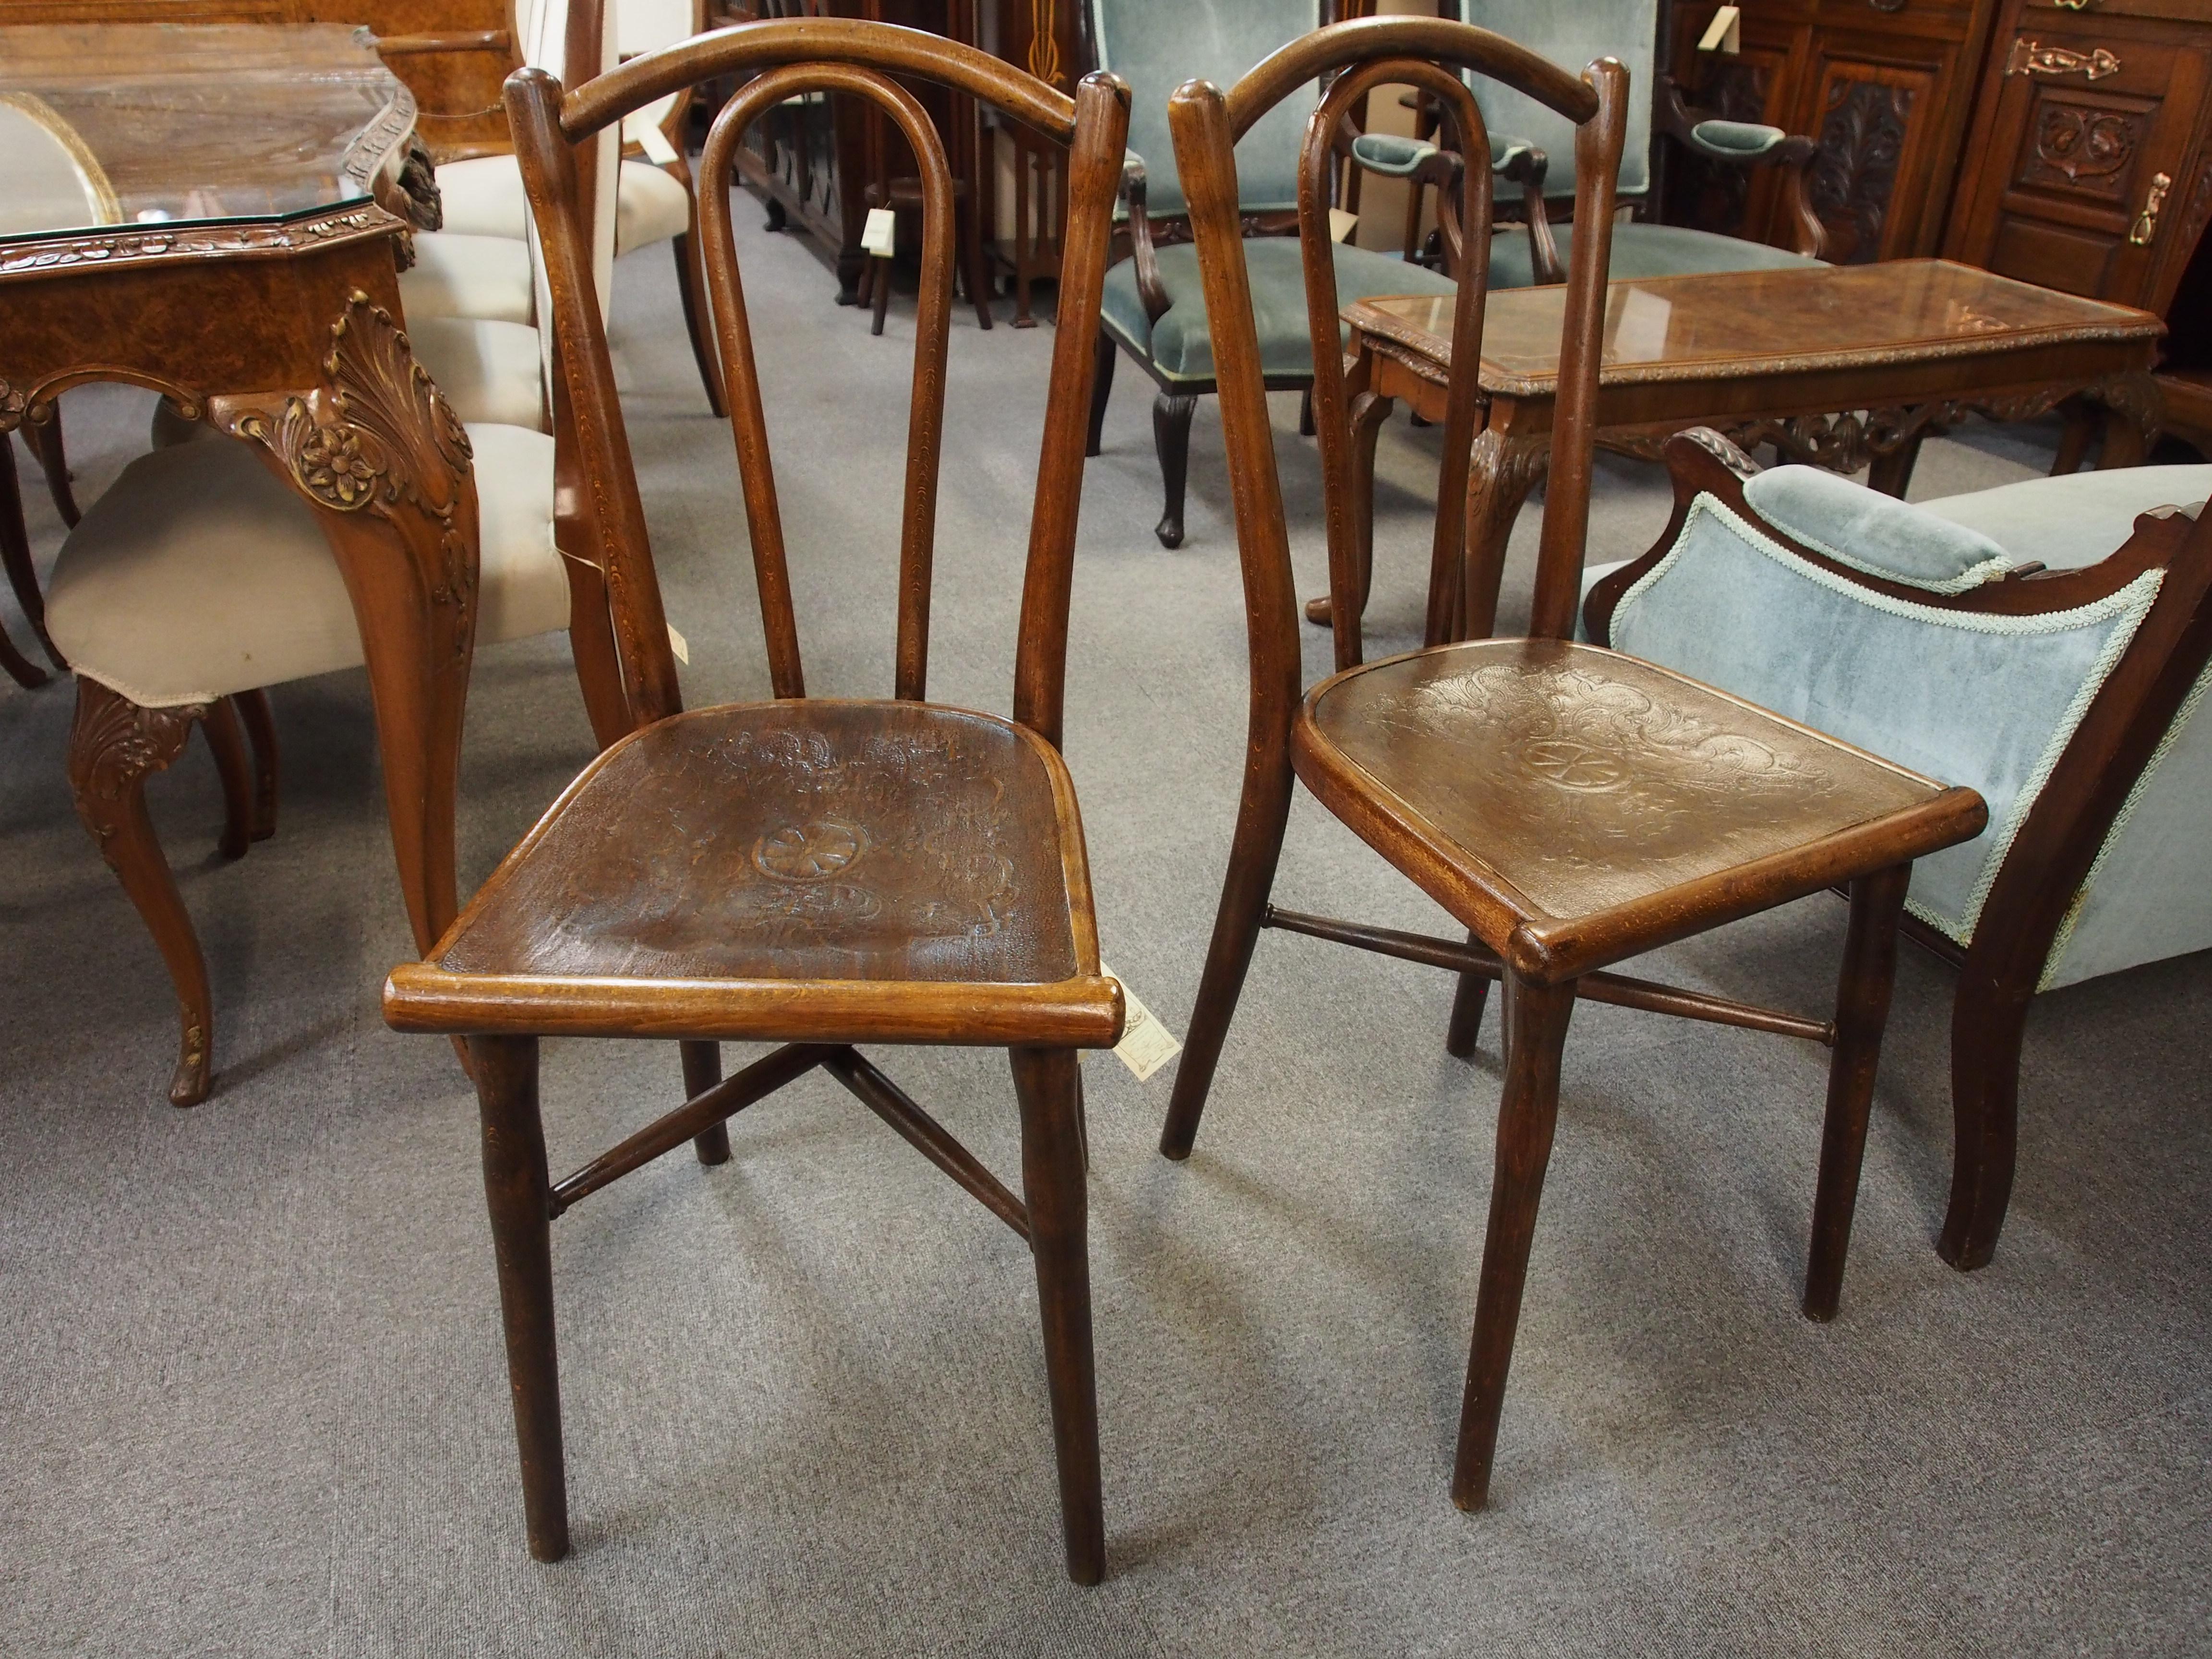 ベントウッドチェア ウッドチェア カフェチェア トーネット 曲げ木椅子 東欧家具 アンティークチェア アンティーク椅子 アンティーク家具 ヨーロッパアンティーク ヨーロッパ家具 イギリスアンティーク 英国アンティーク 関西 近畿 大阪 北摂 箕面